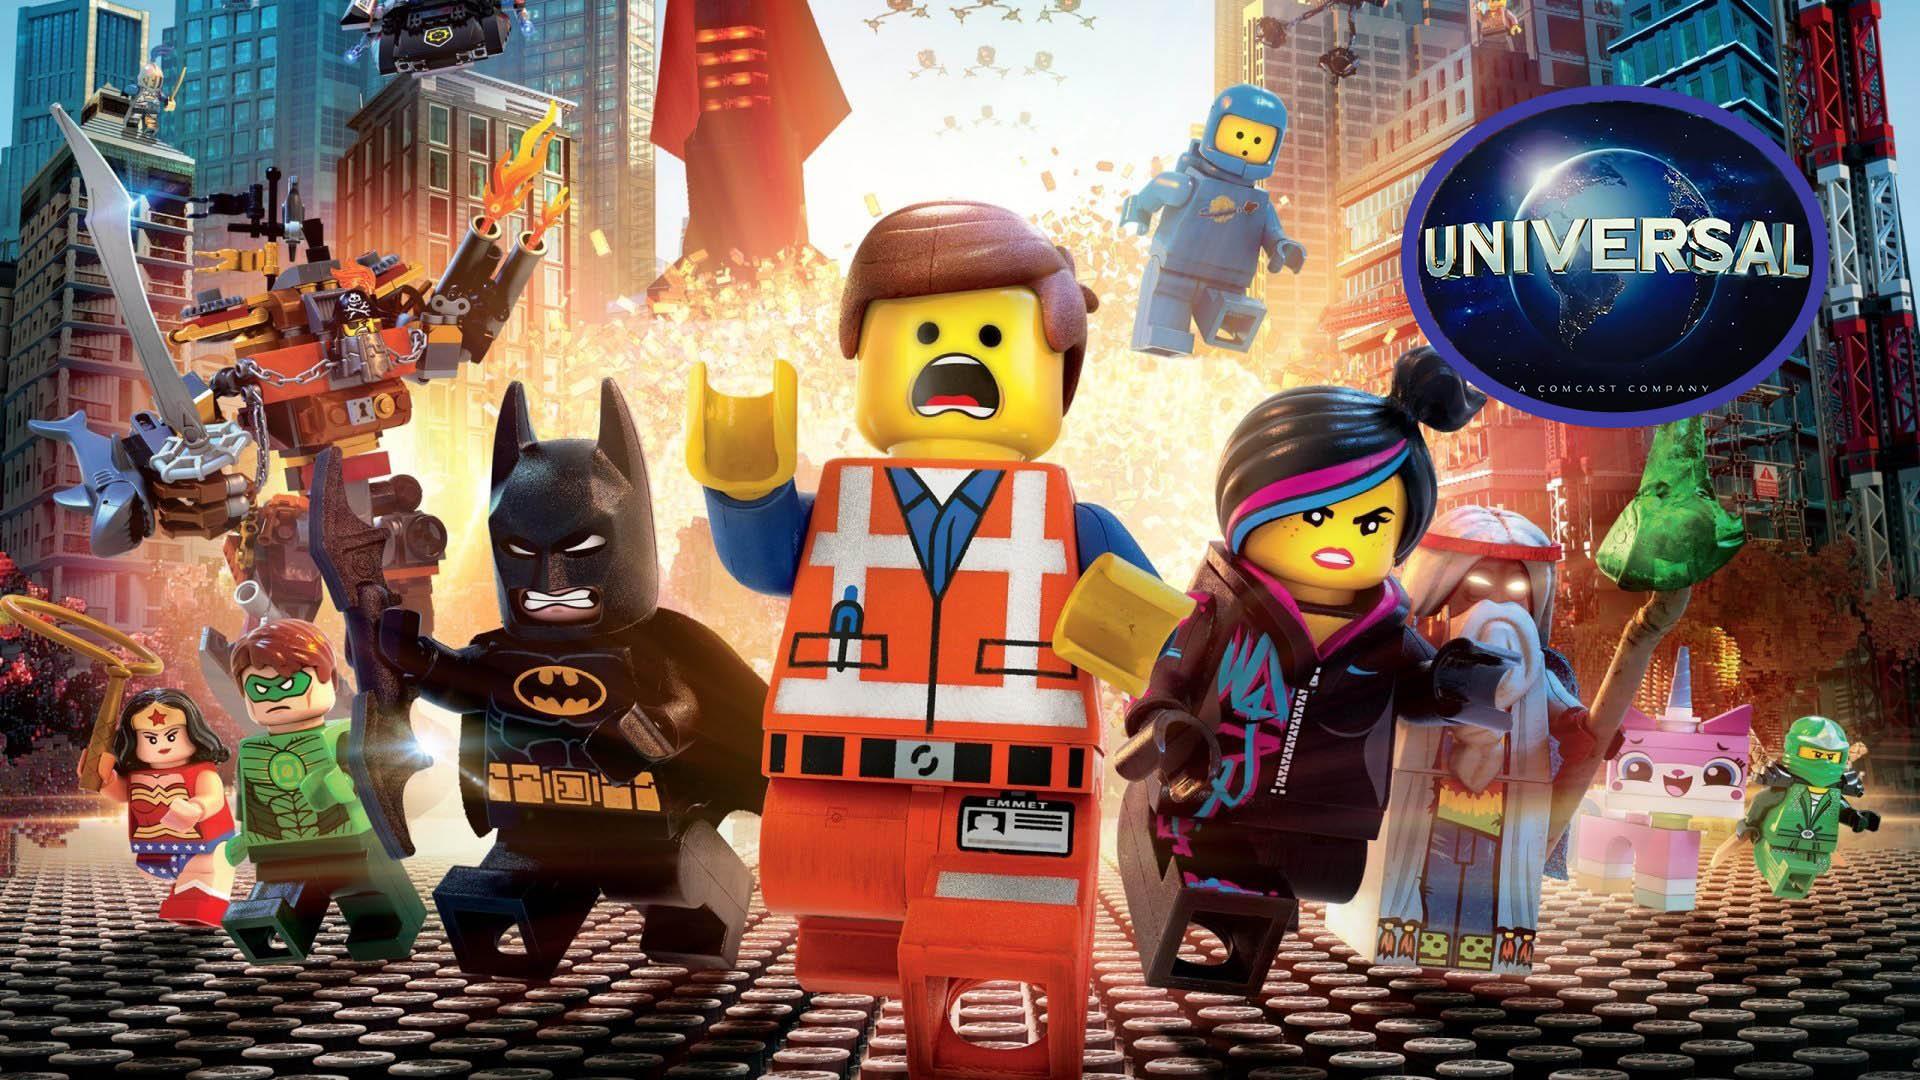 Lego Universal Warner